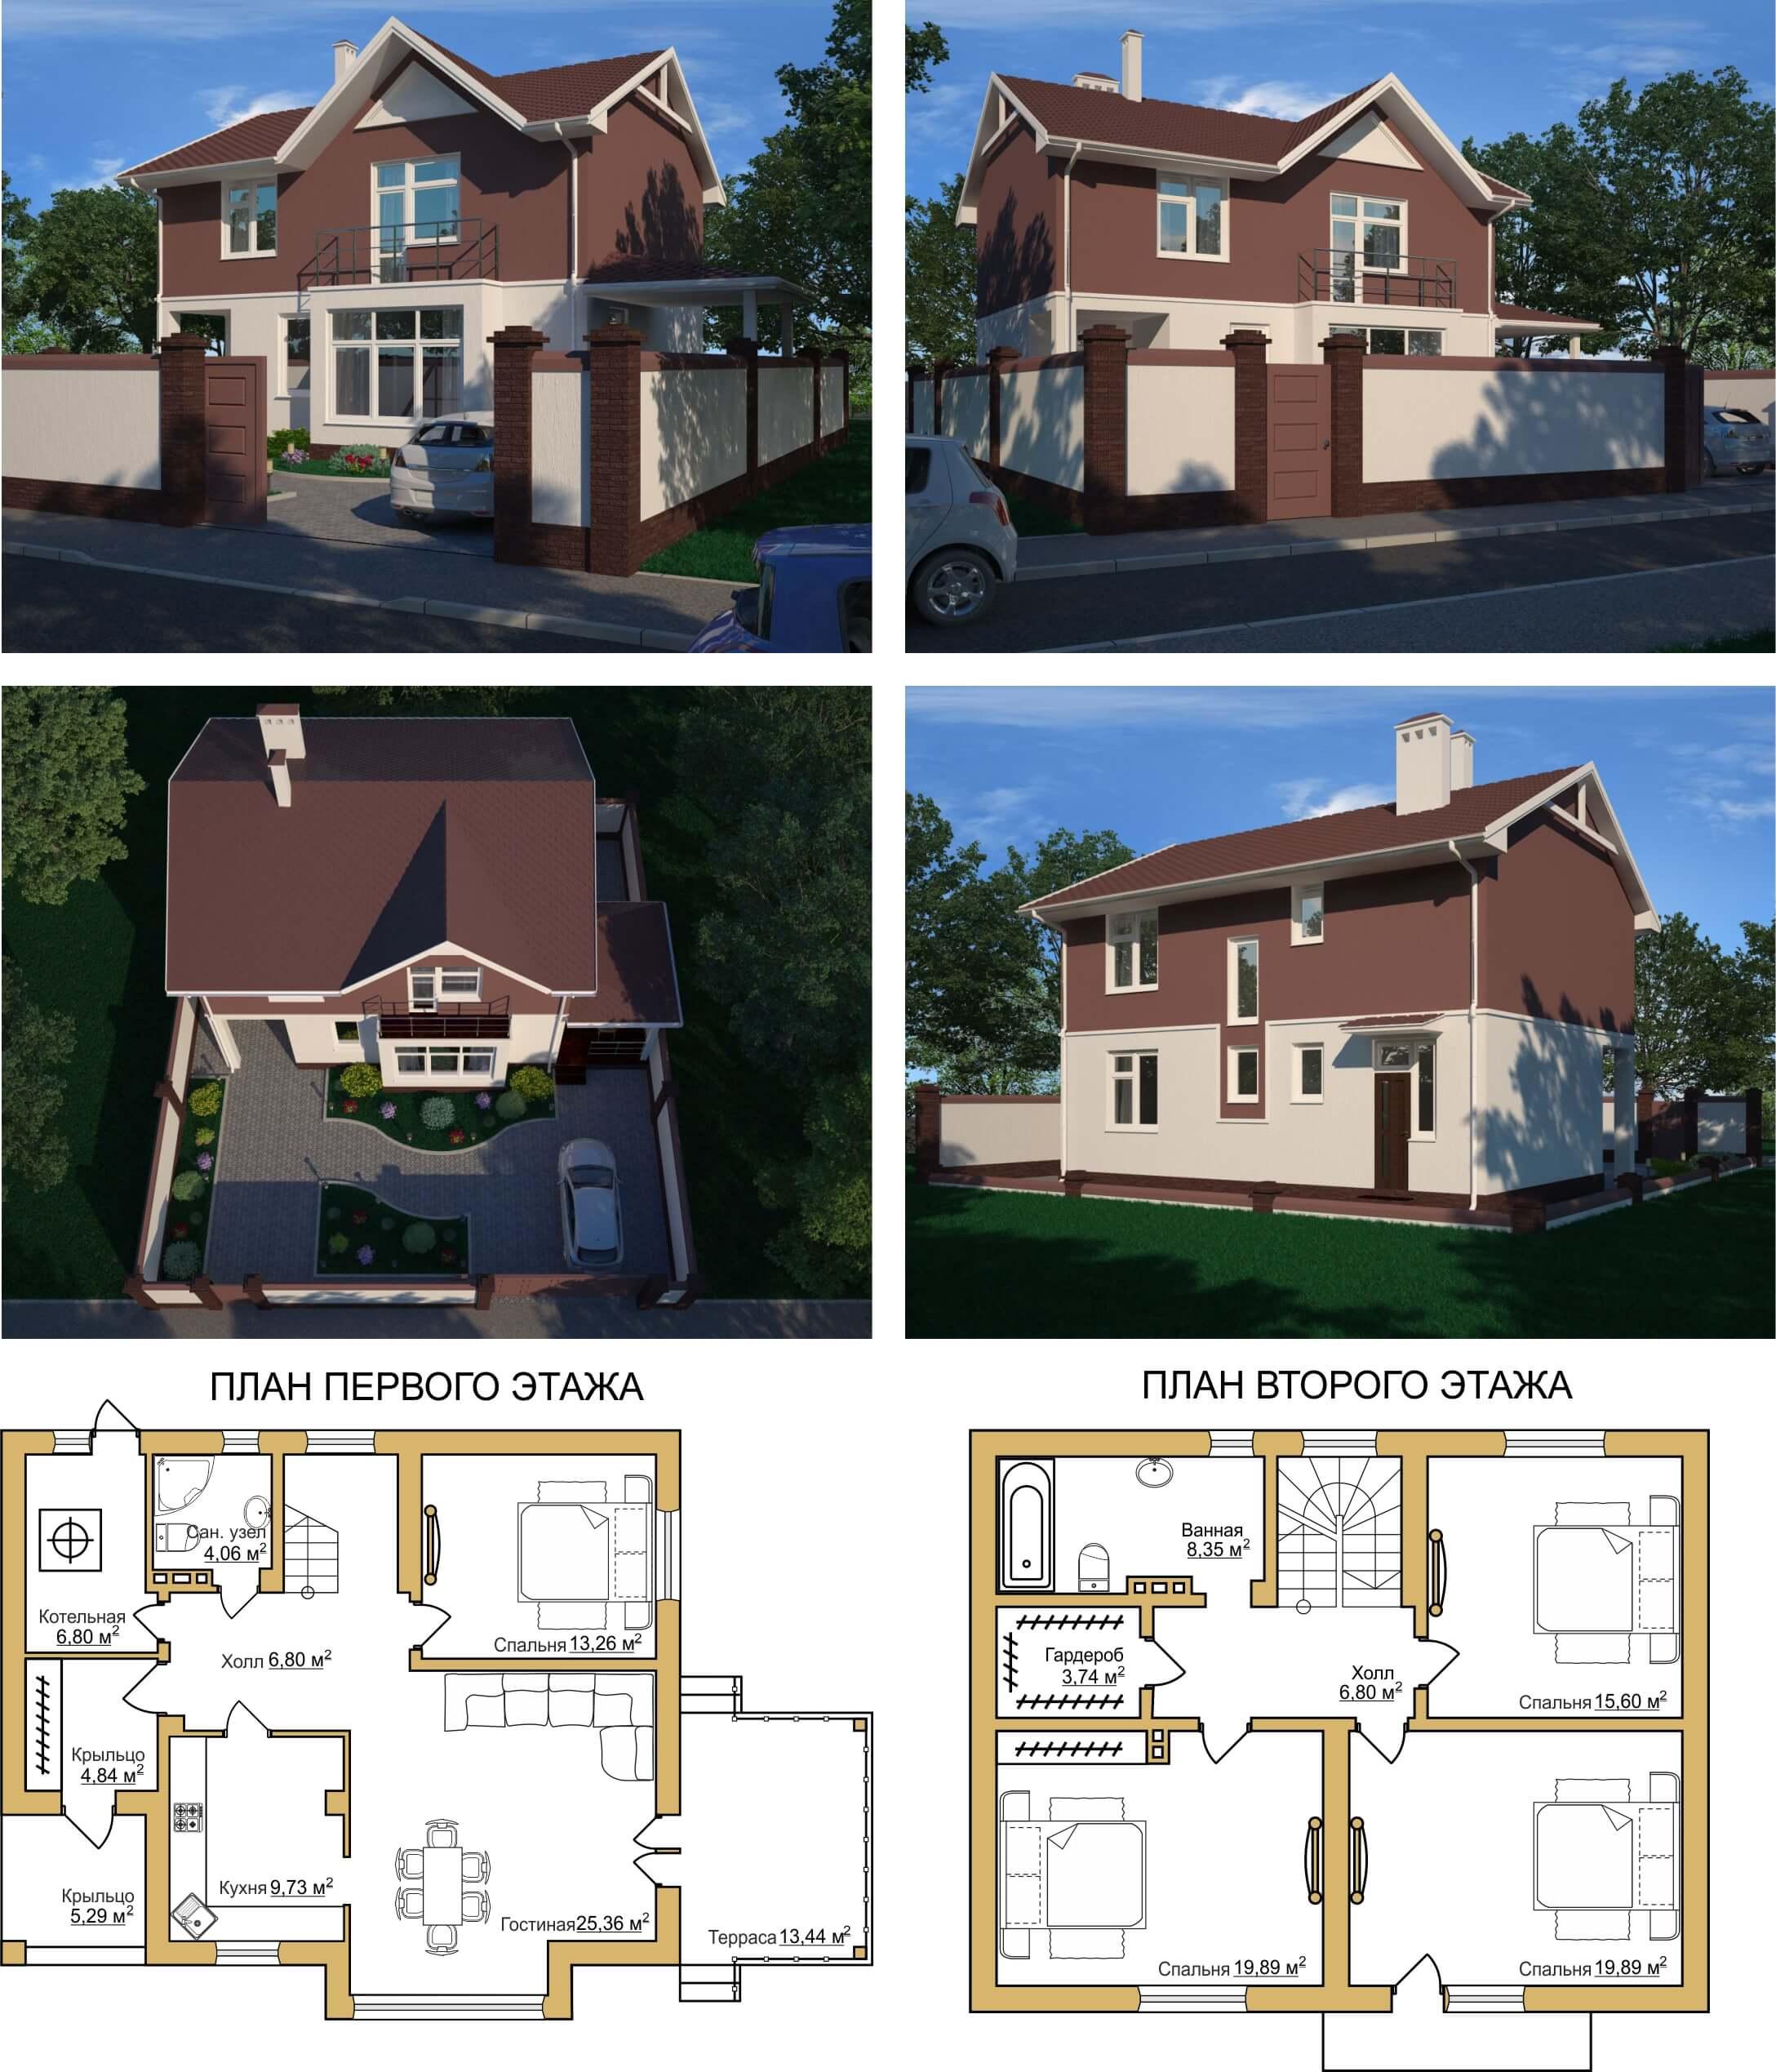 Как построить свой дом в Крыму?